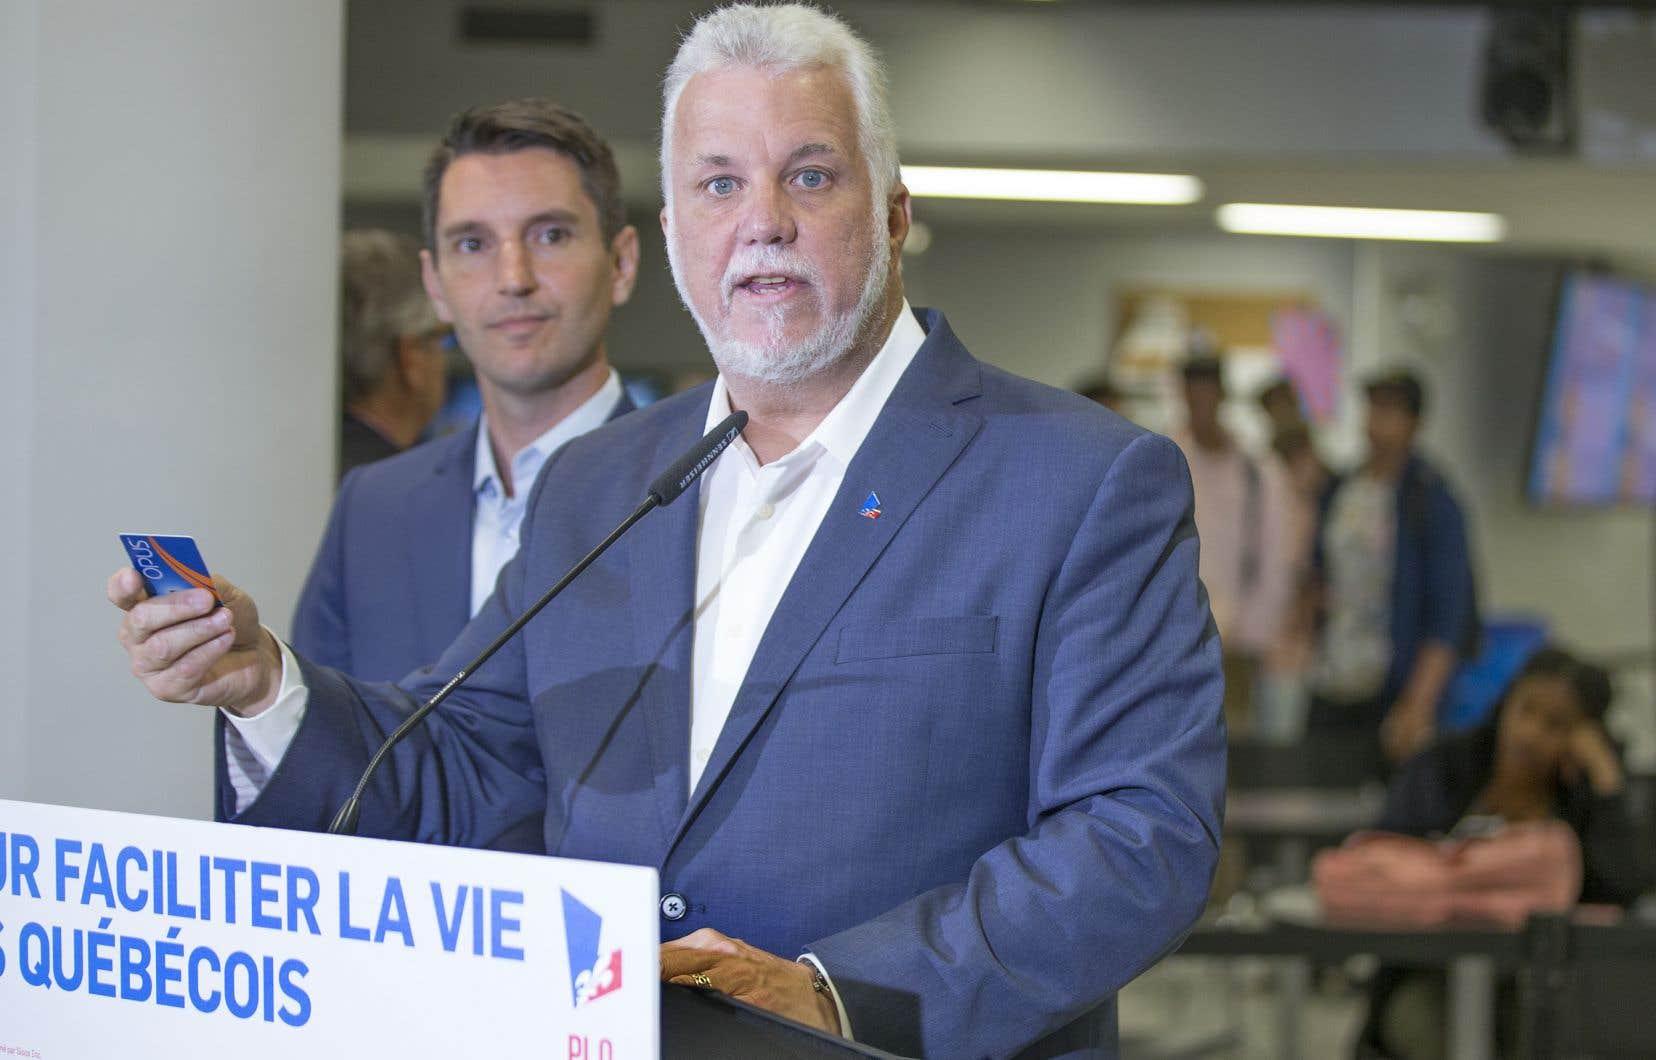 Le chef du PLQ, Philippe Couillard, a promis d'instaurer la gratuité du transport en commun pour tous les étudiants et les personnes âgées de 65 ans et plus.